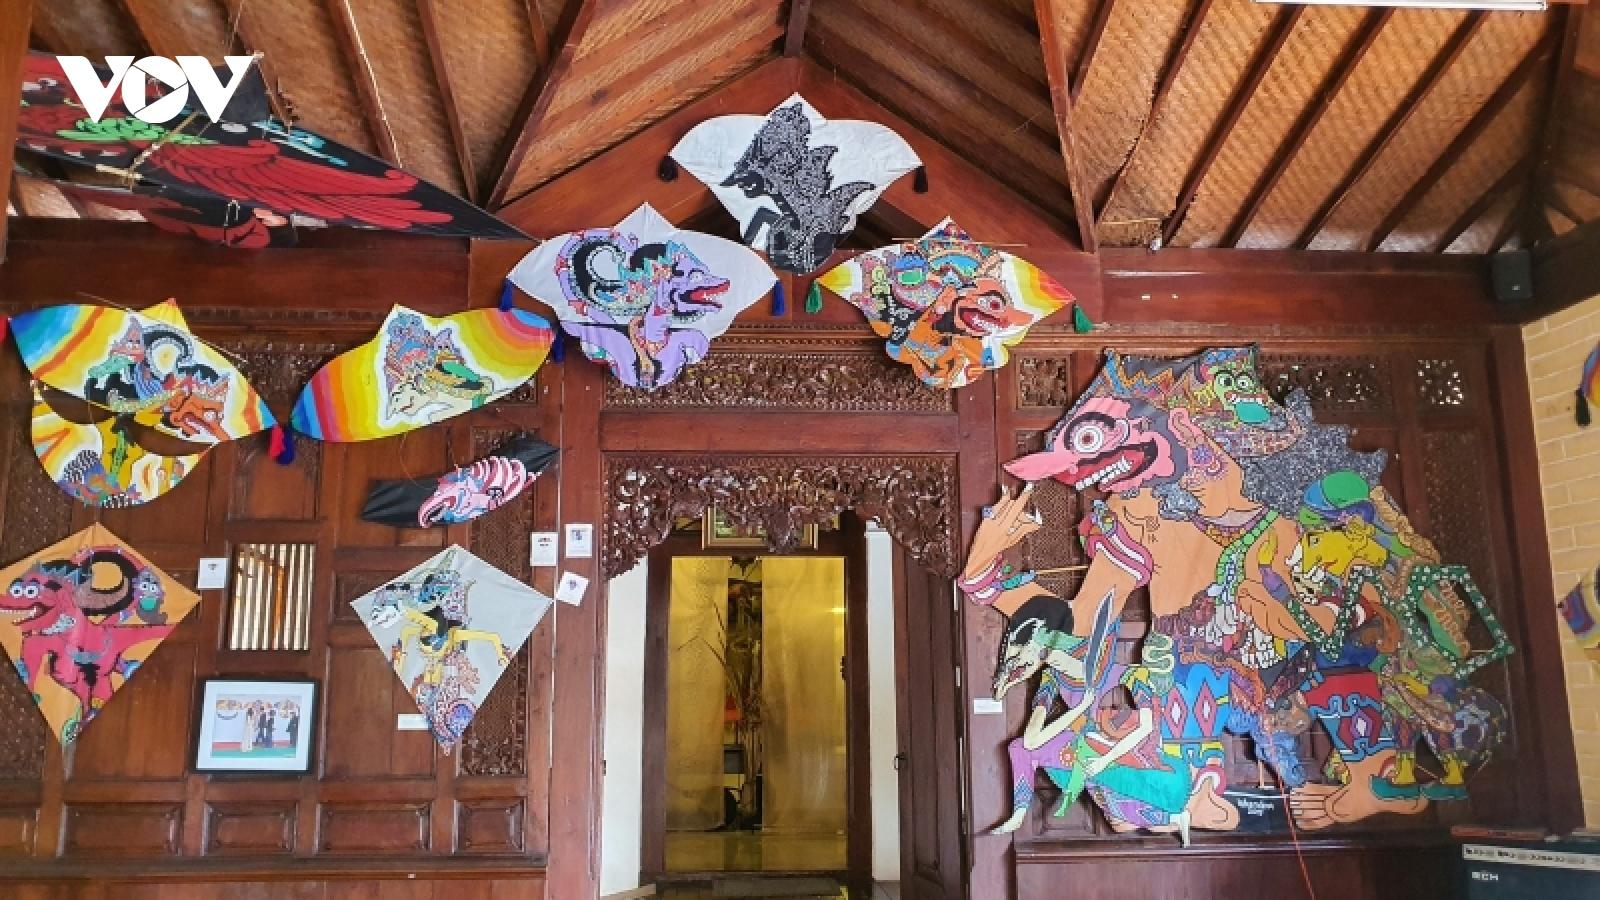 Khám phá Bảo tàng Diều Indonesia - nơi lưu giữ giá trị lịch sử và nghệ thuật